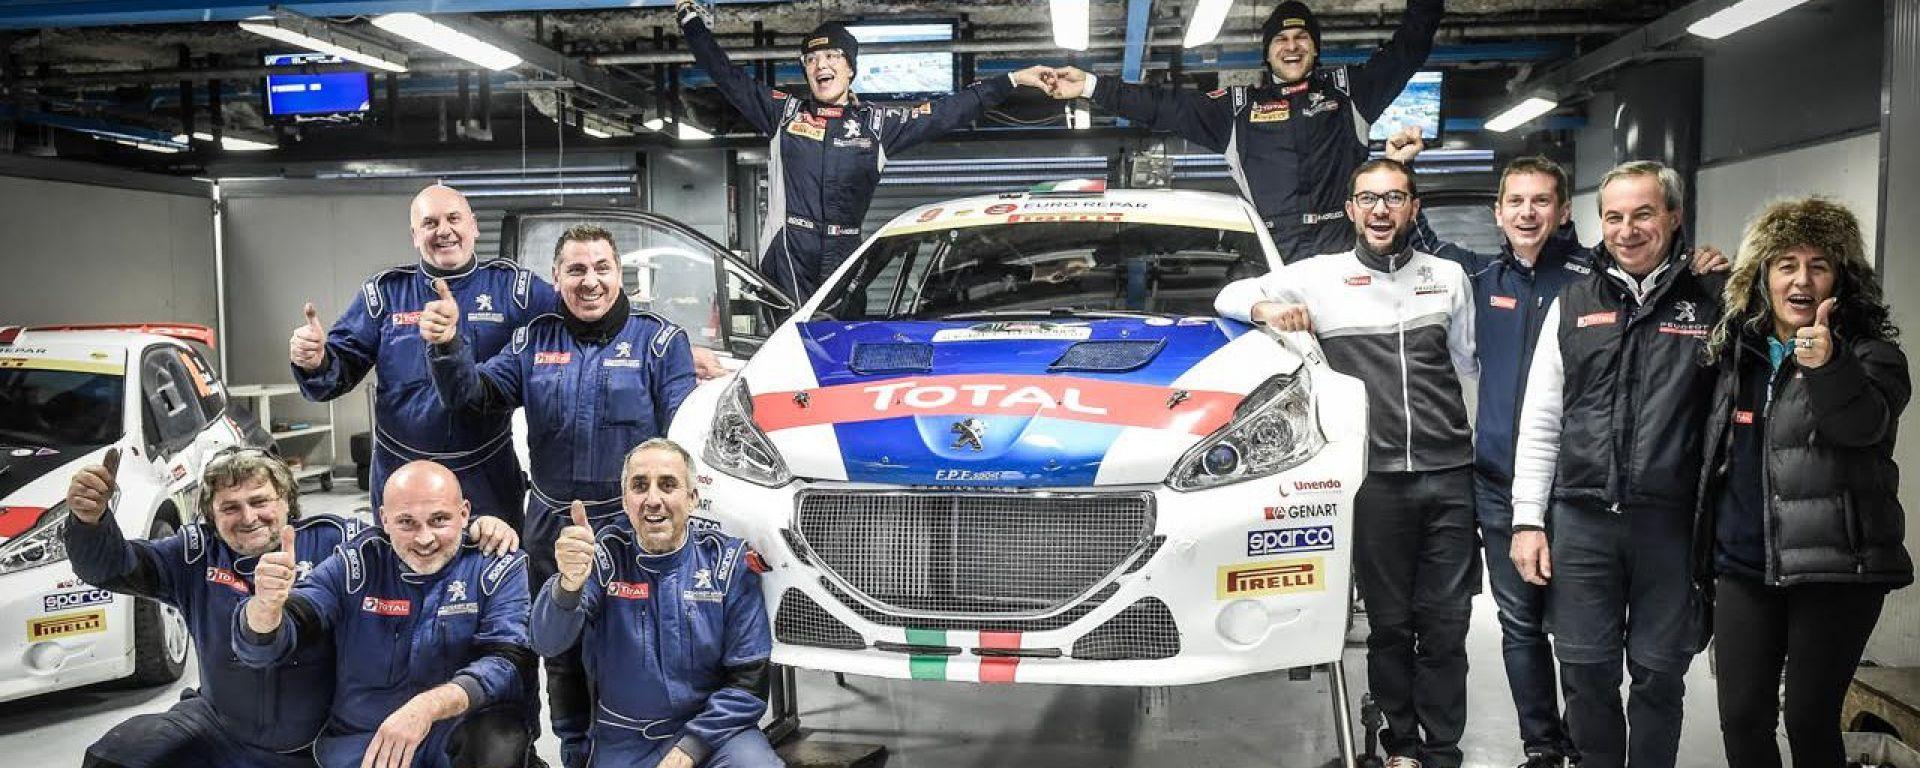 Peugeot Sport Italia con Andreucci, Testa e Tavelli: che esperienza al MonzaRallyShow!